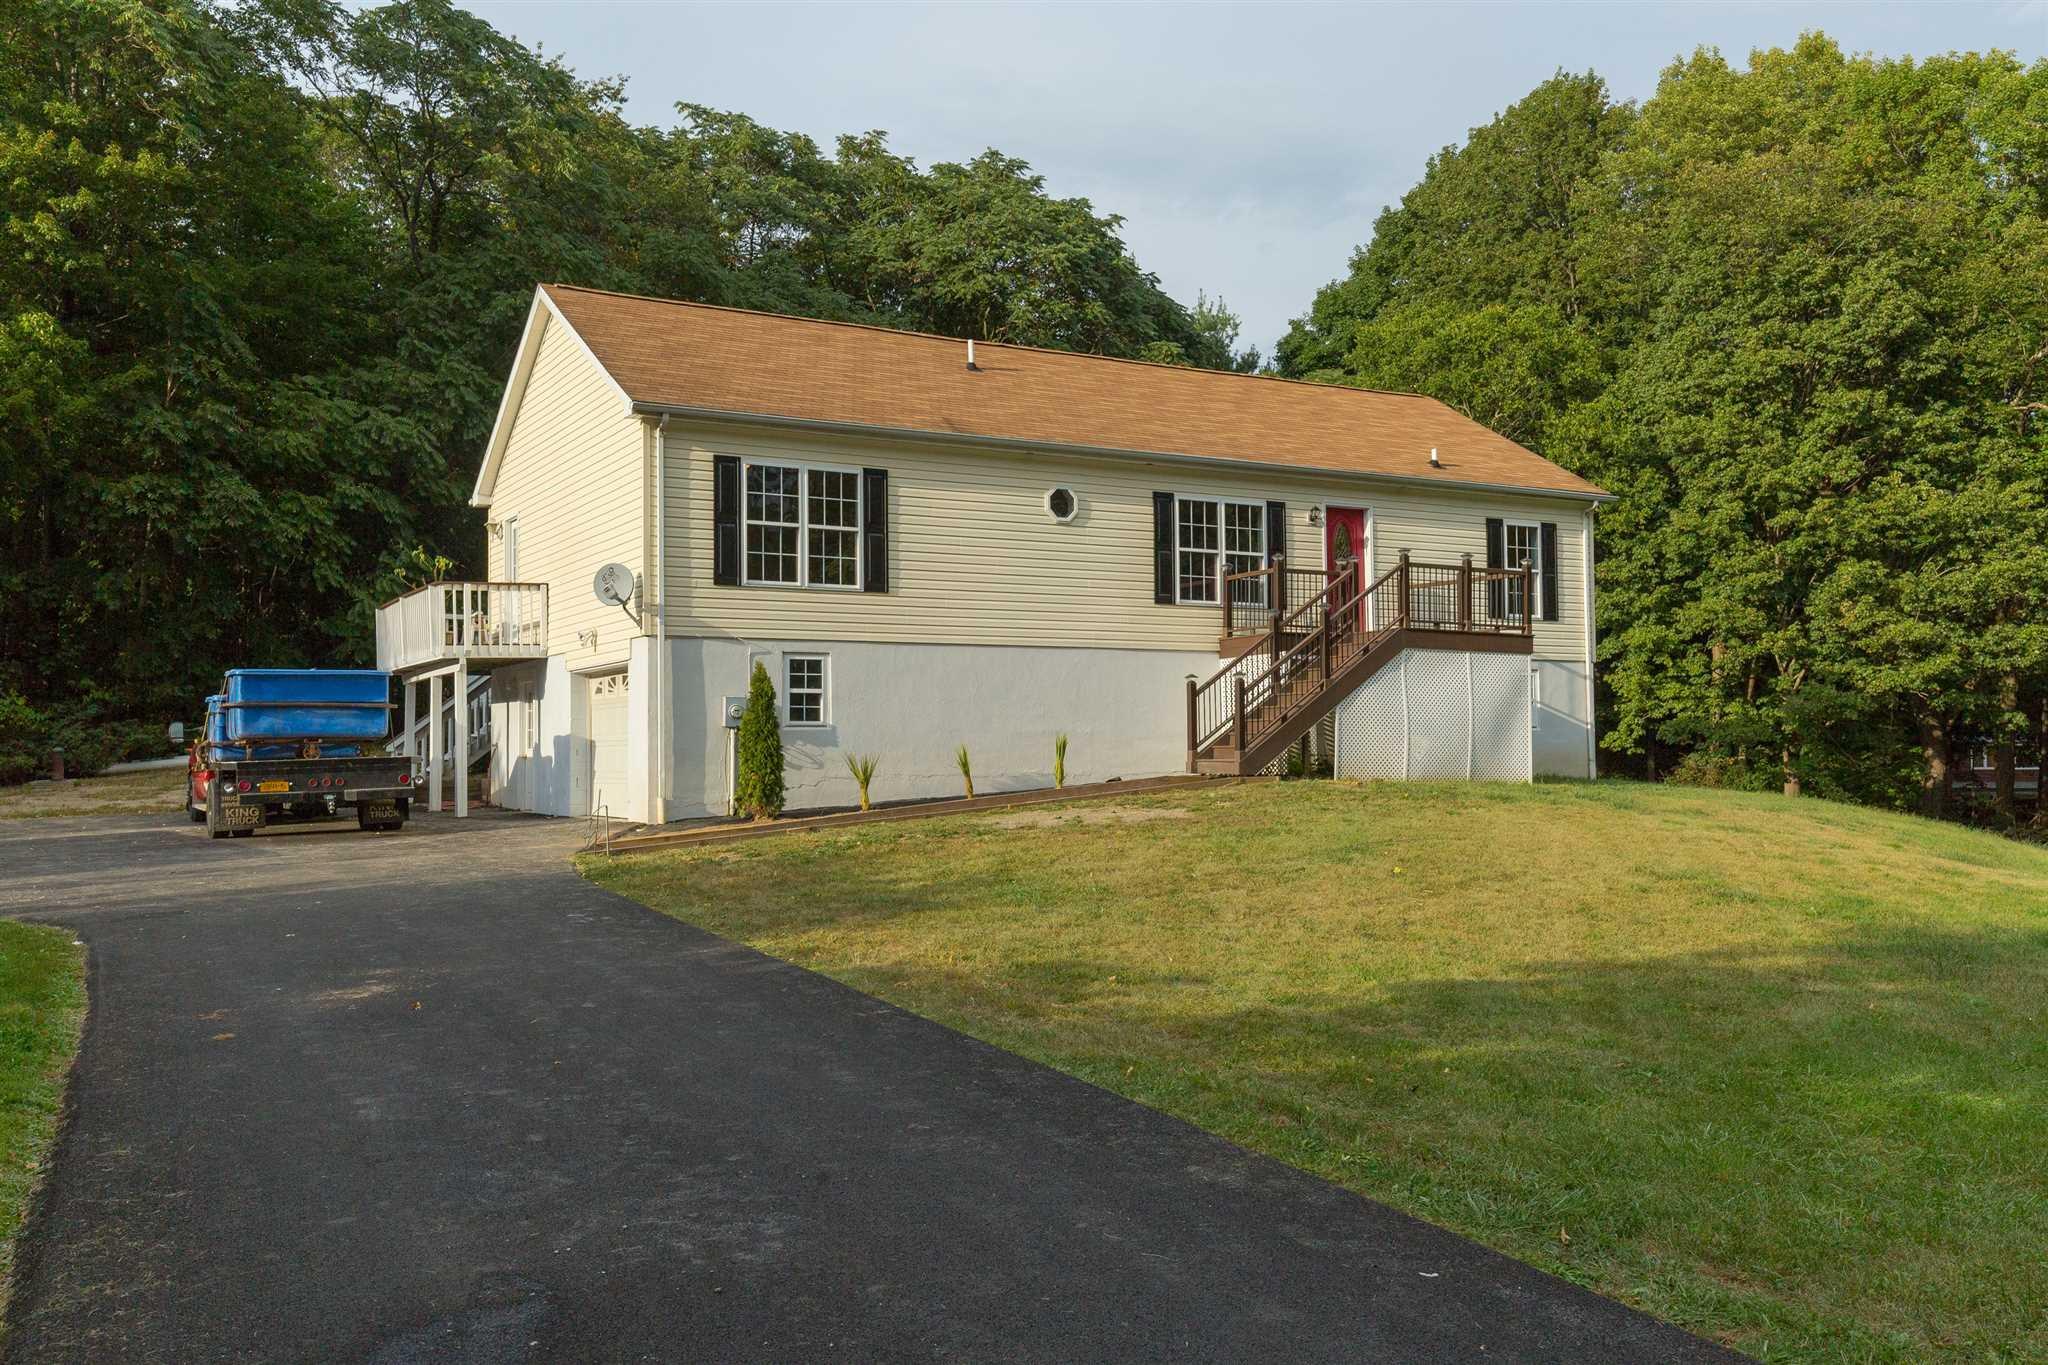 75 Mountainview Rd, Fishkill, NY 12524